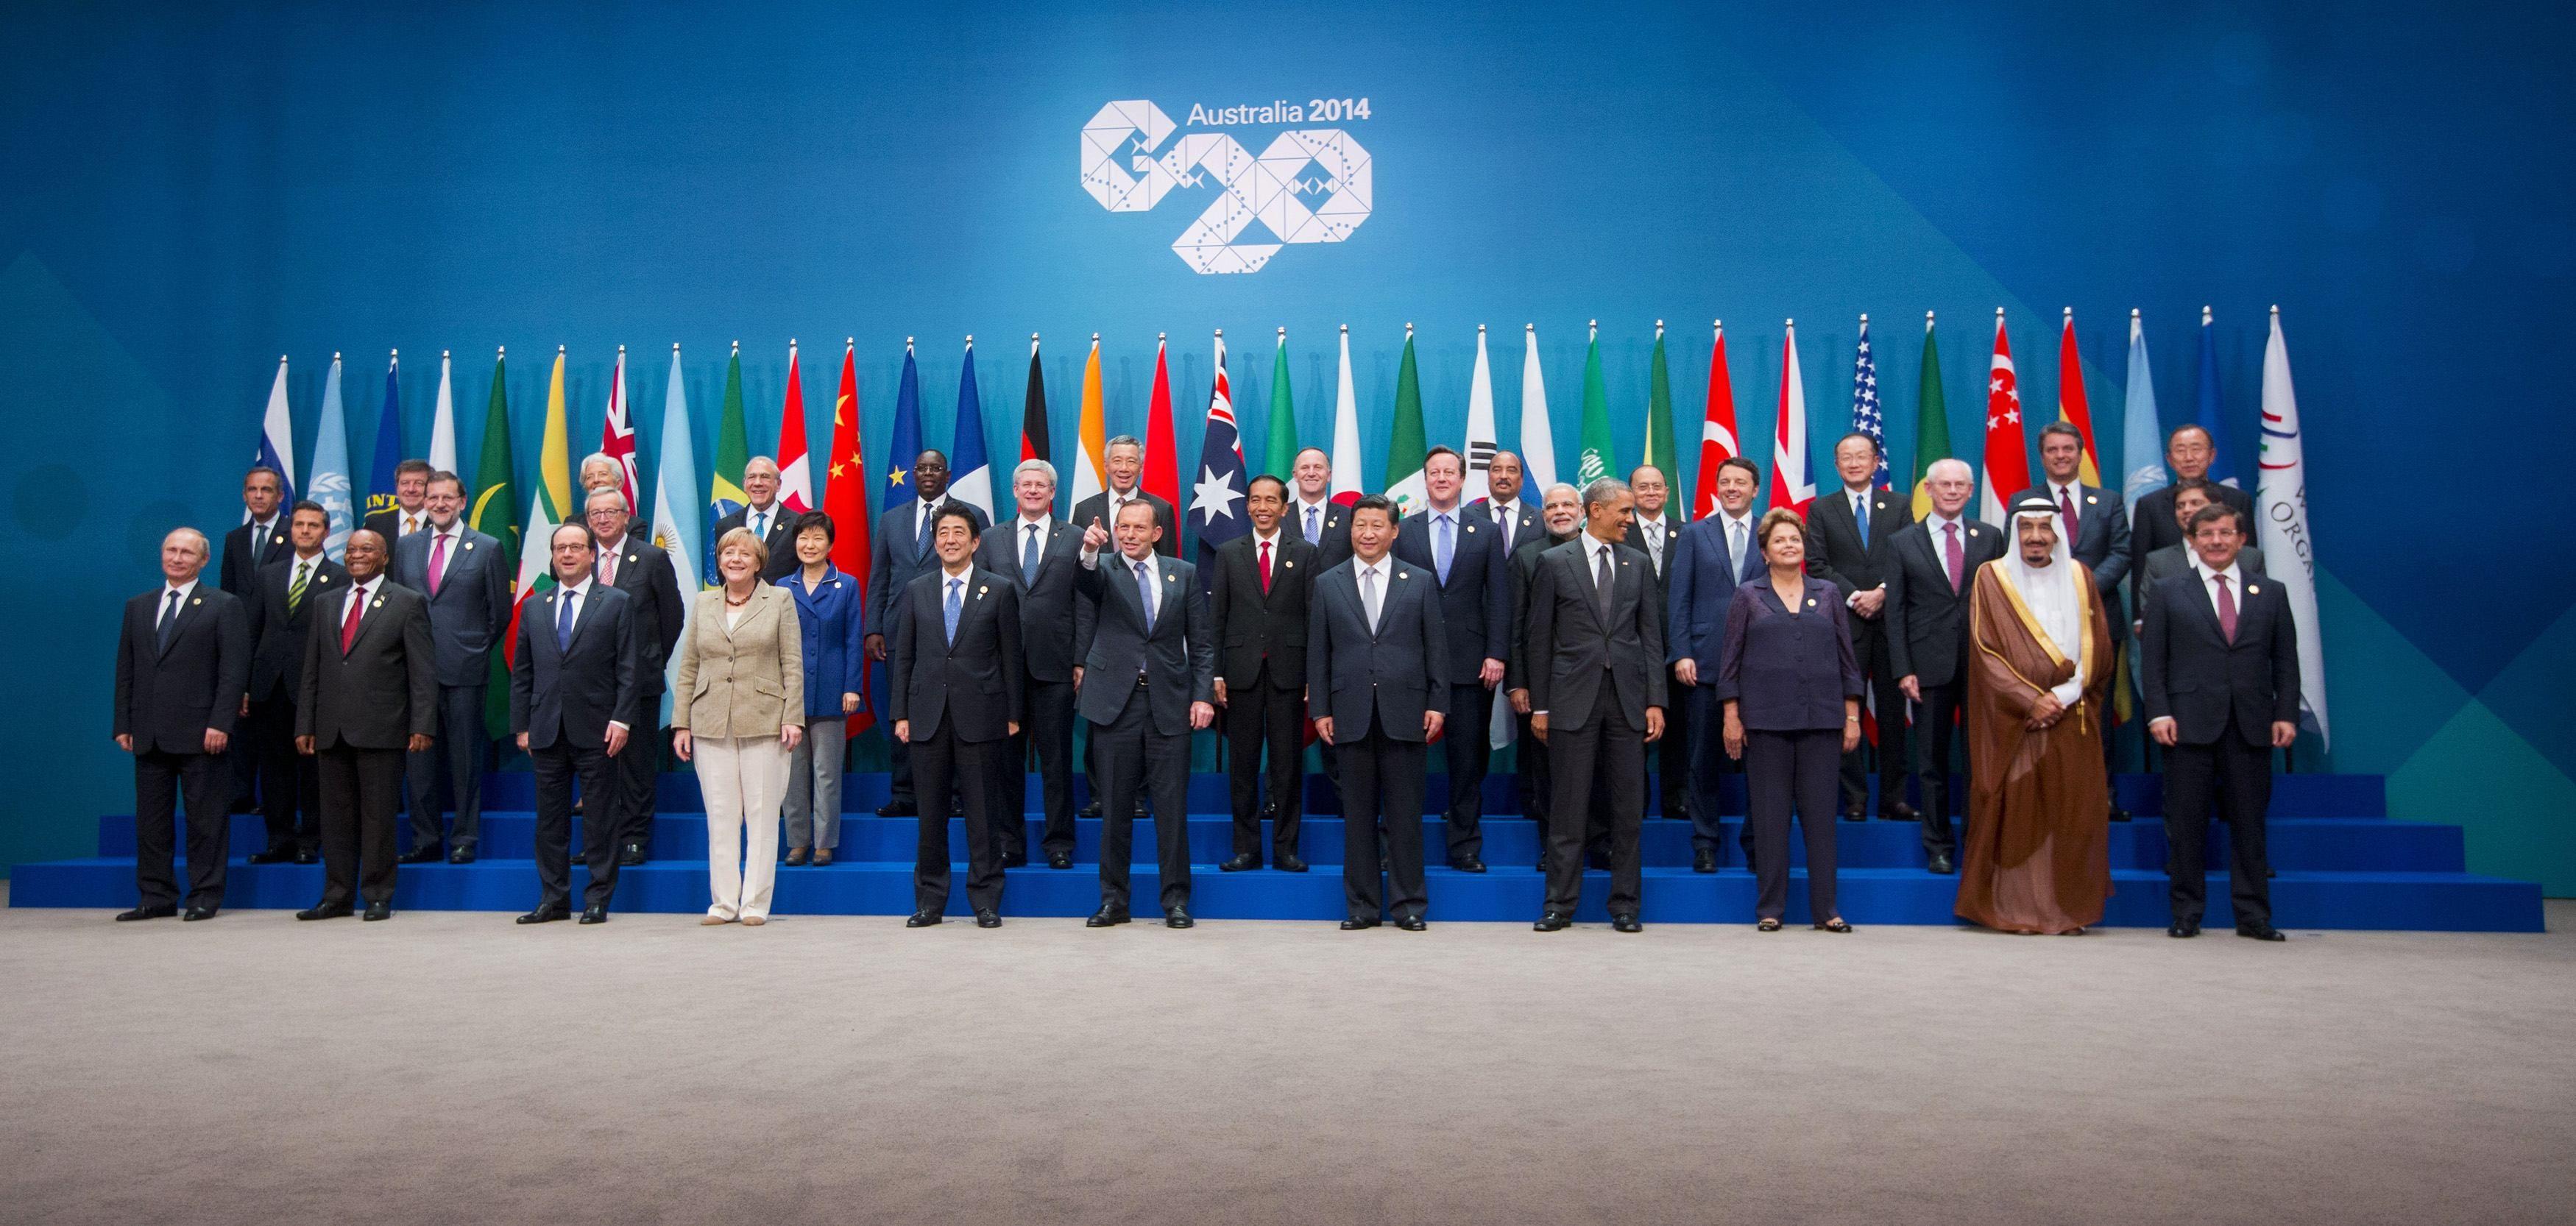 Традиционное групповое фото: Путина отправили в самый угол - крайним слева